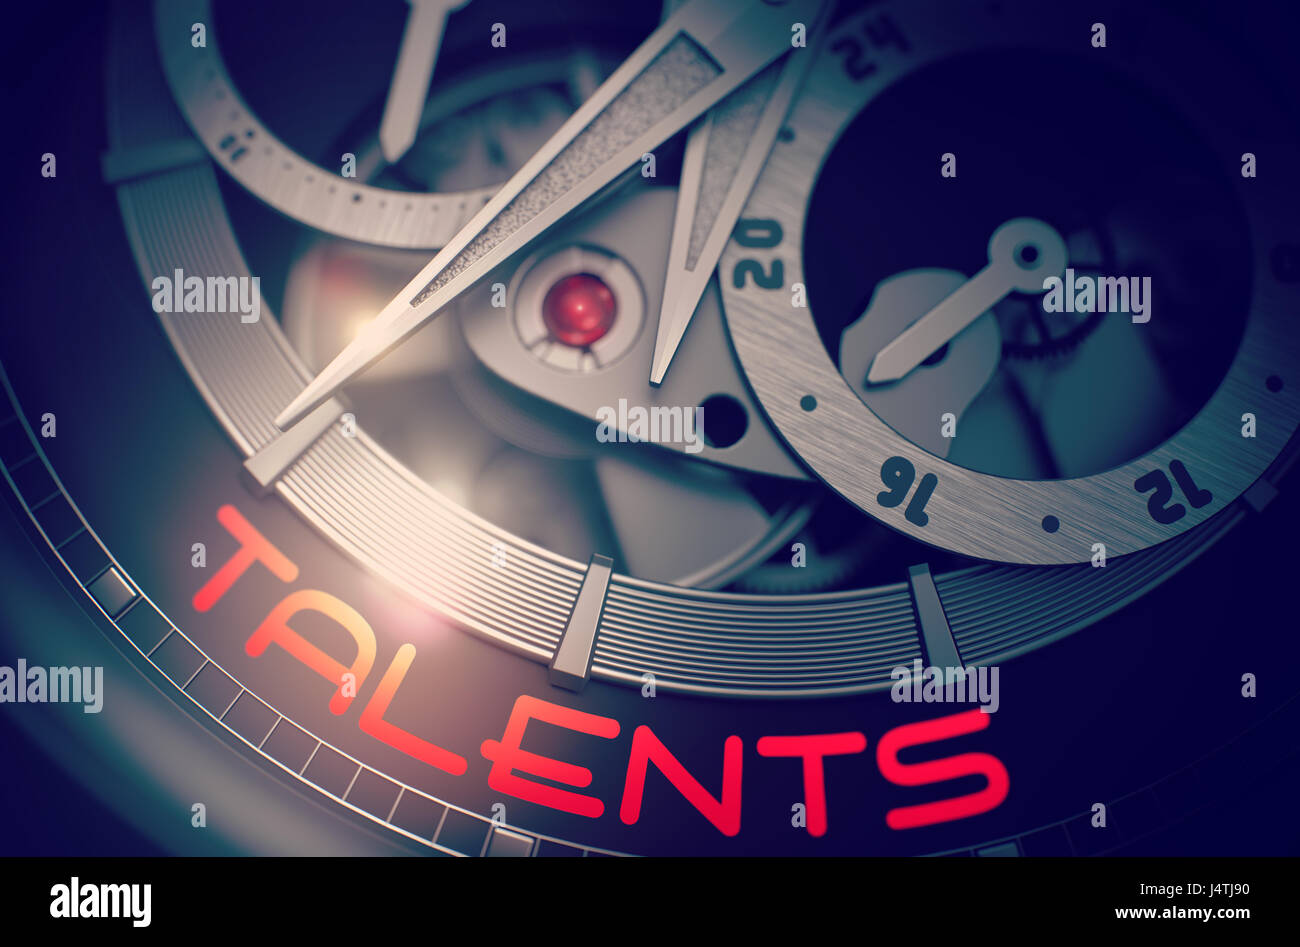 Talentos en el mecanismo de reloj de bolsillo de moda. 3D. Imagen De Stock